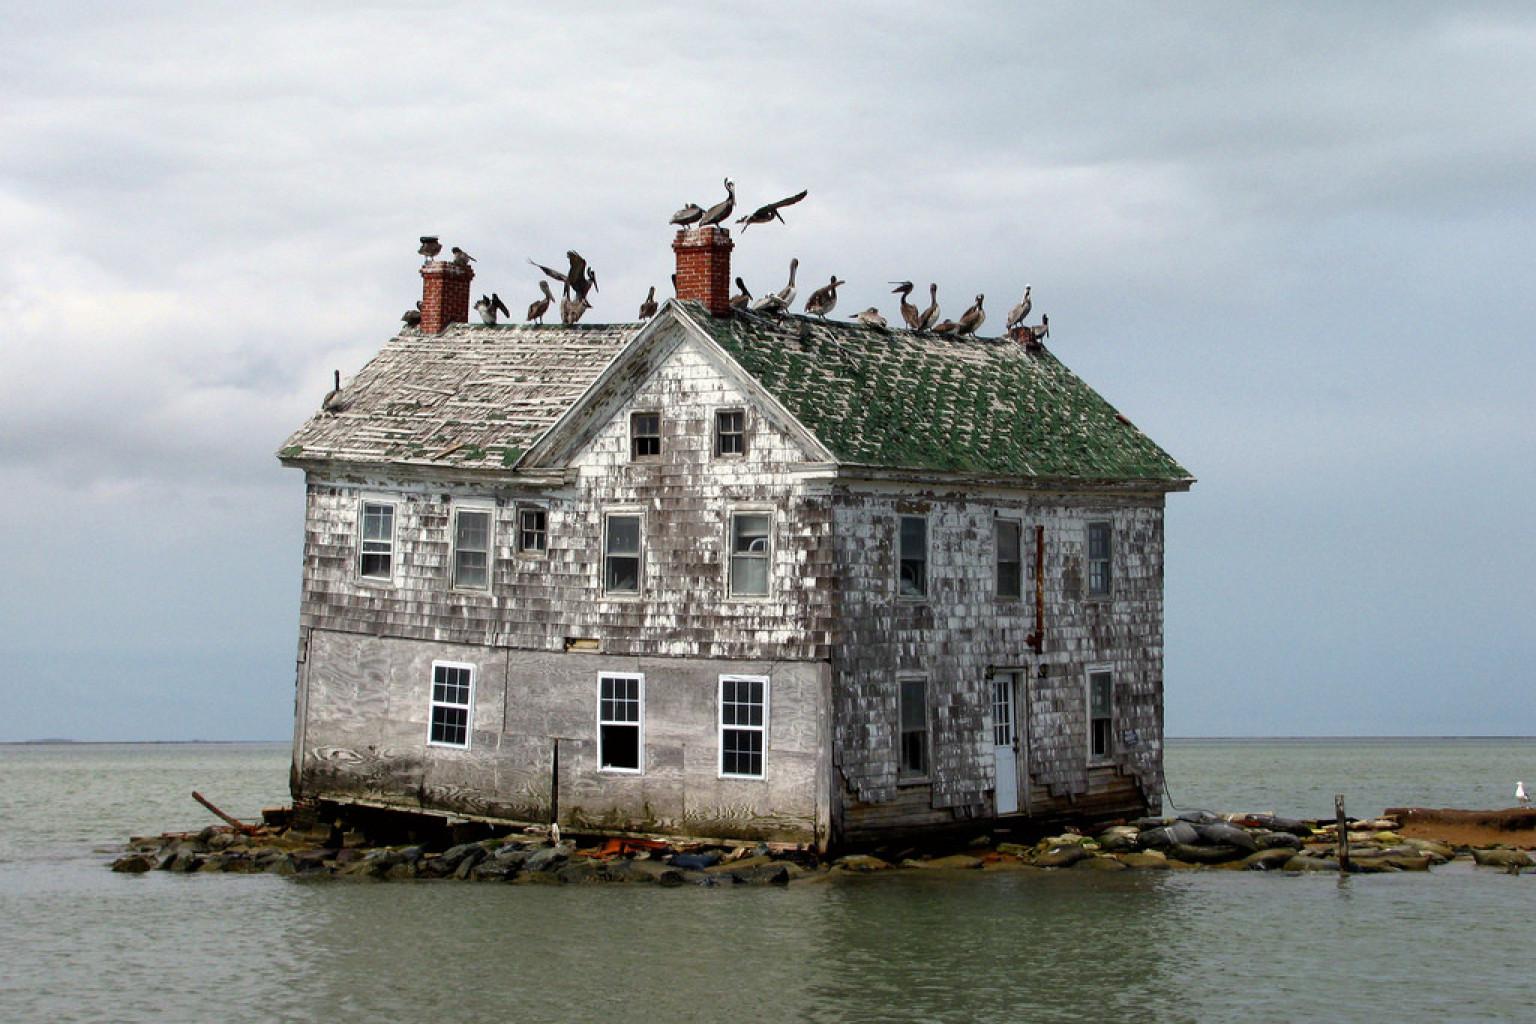 7. Abandoned Isle [Netherlands]